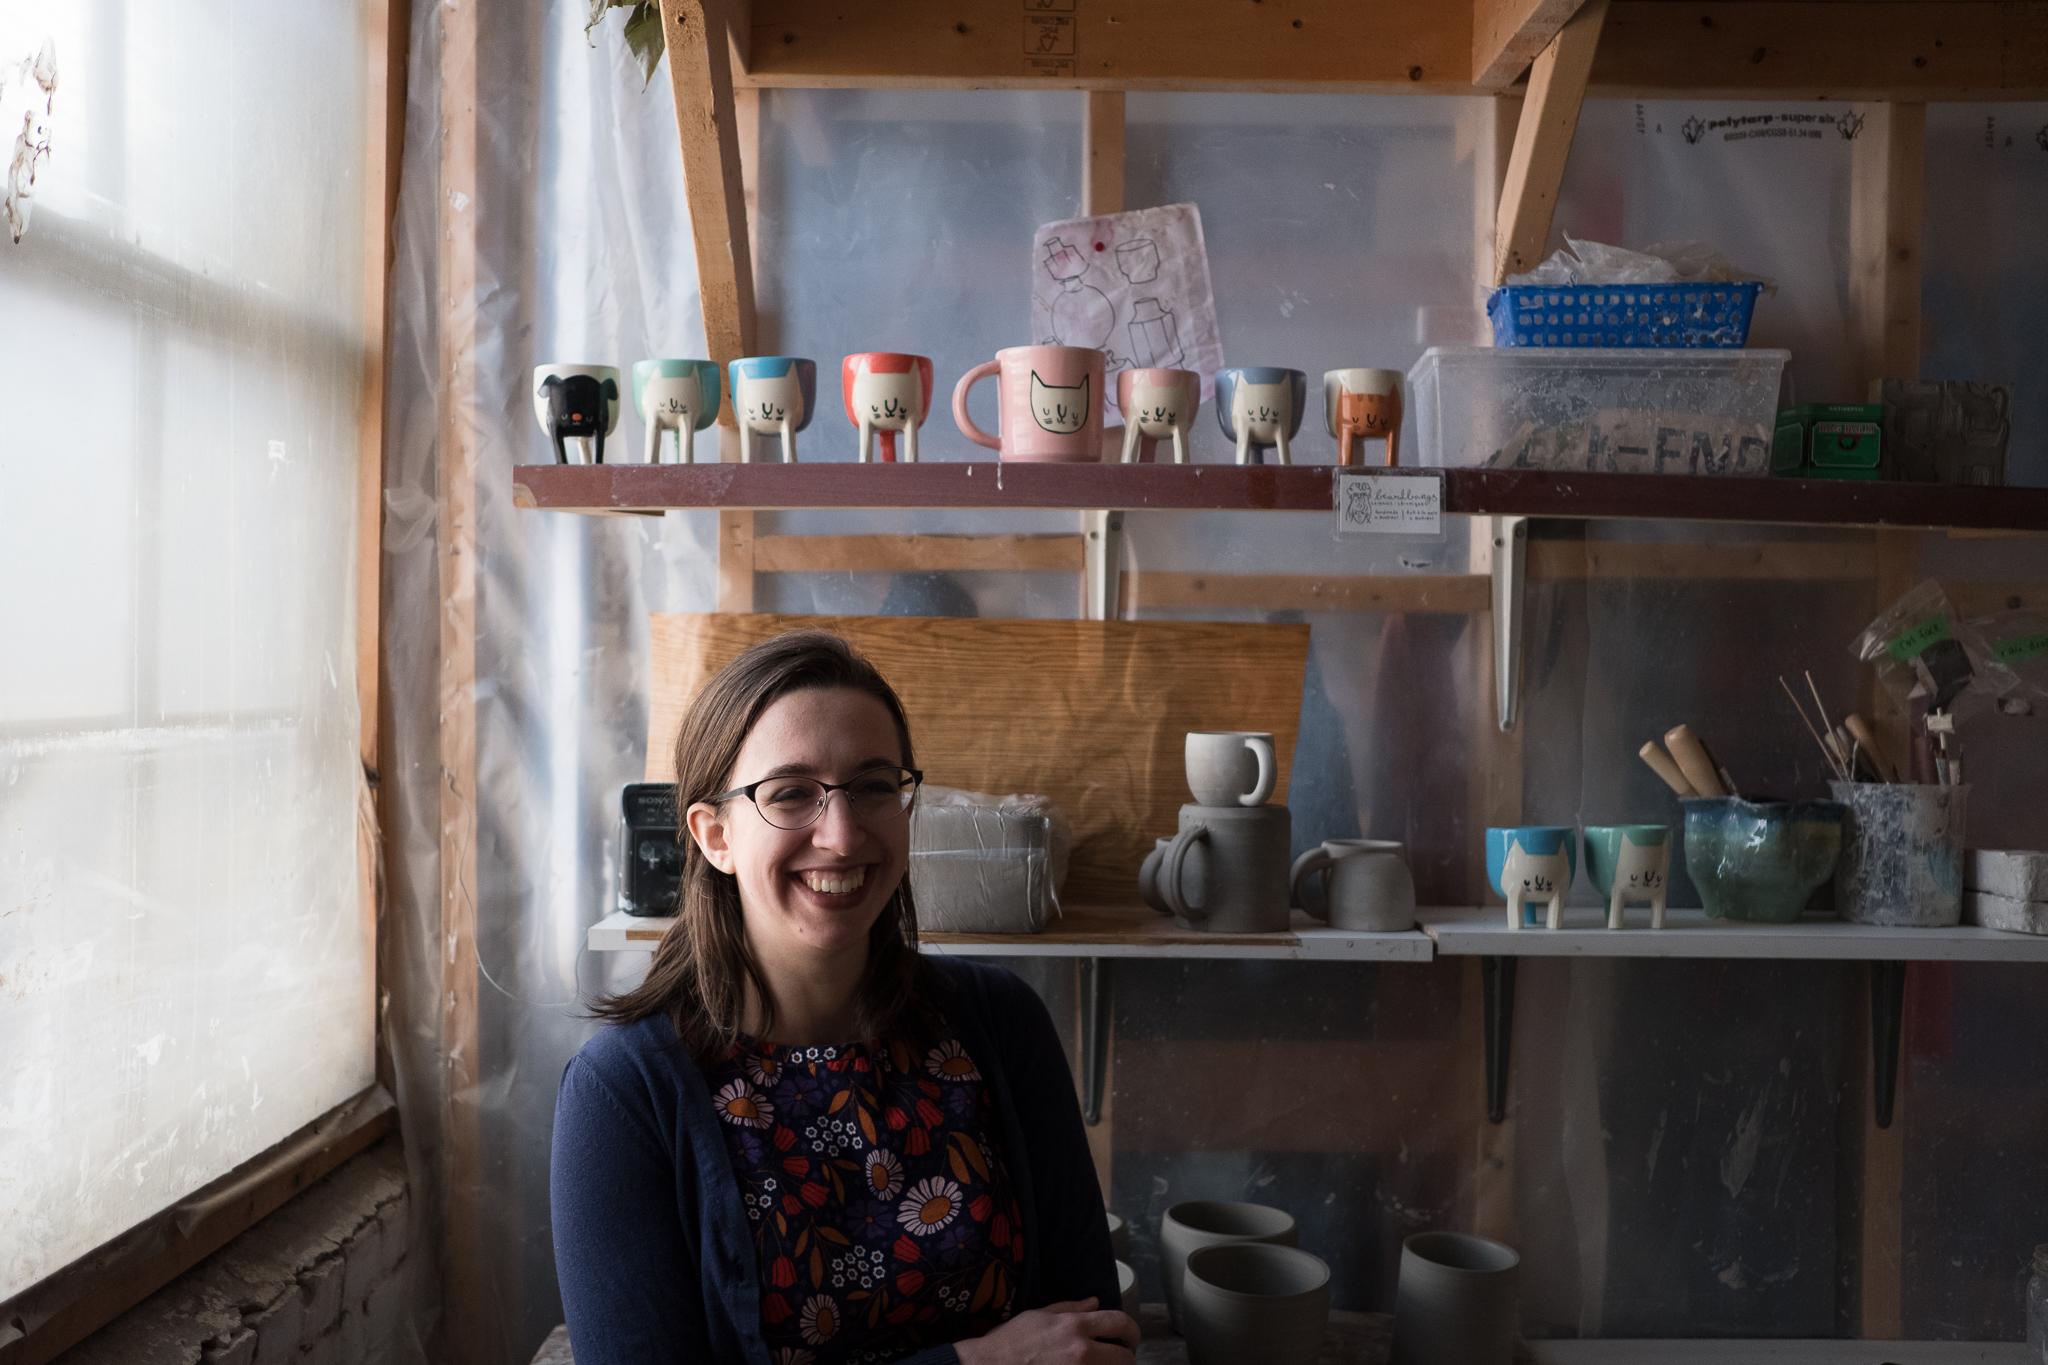 Alicia Zwicewicz with her Beardbangs Ceramics items